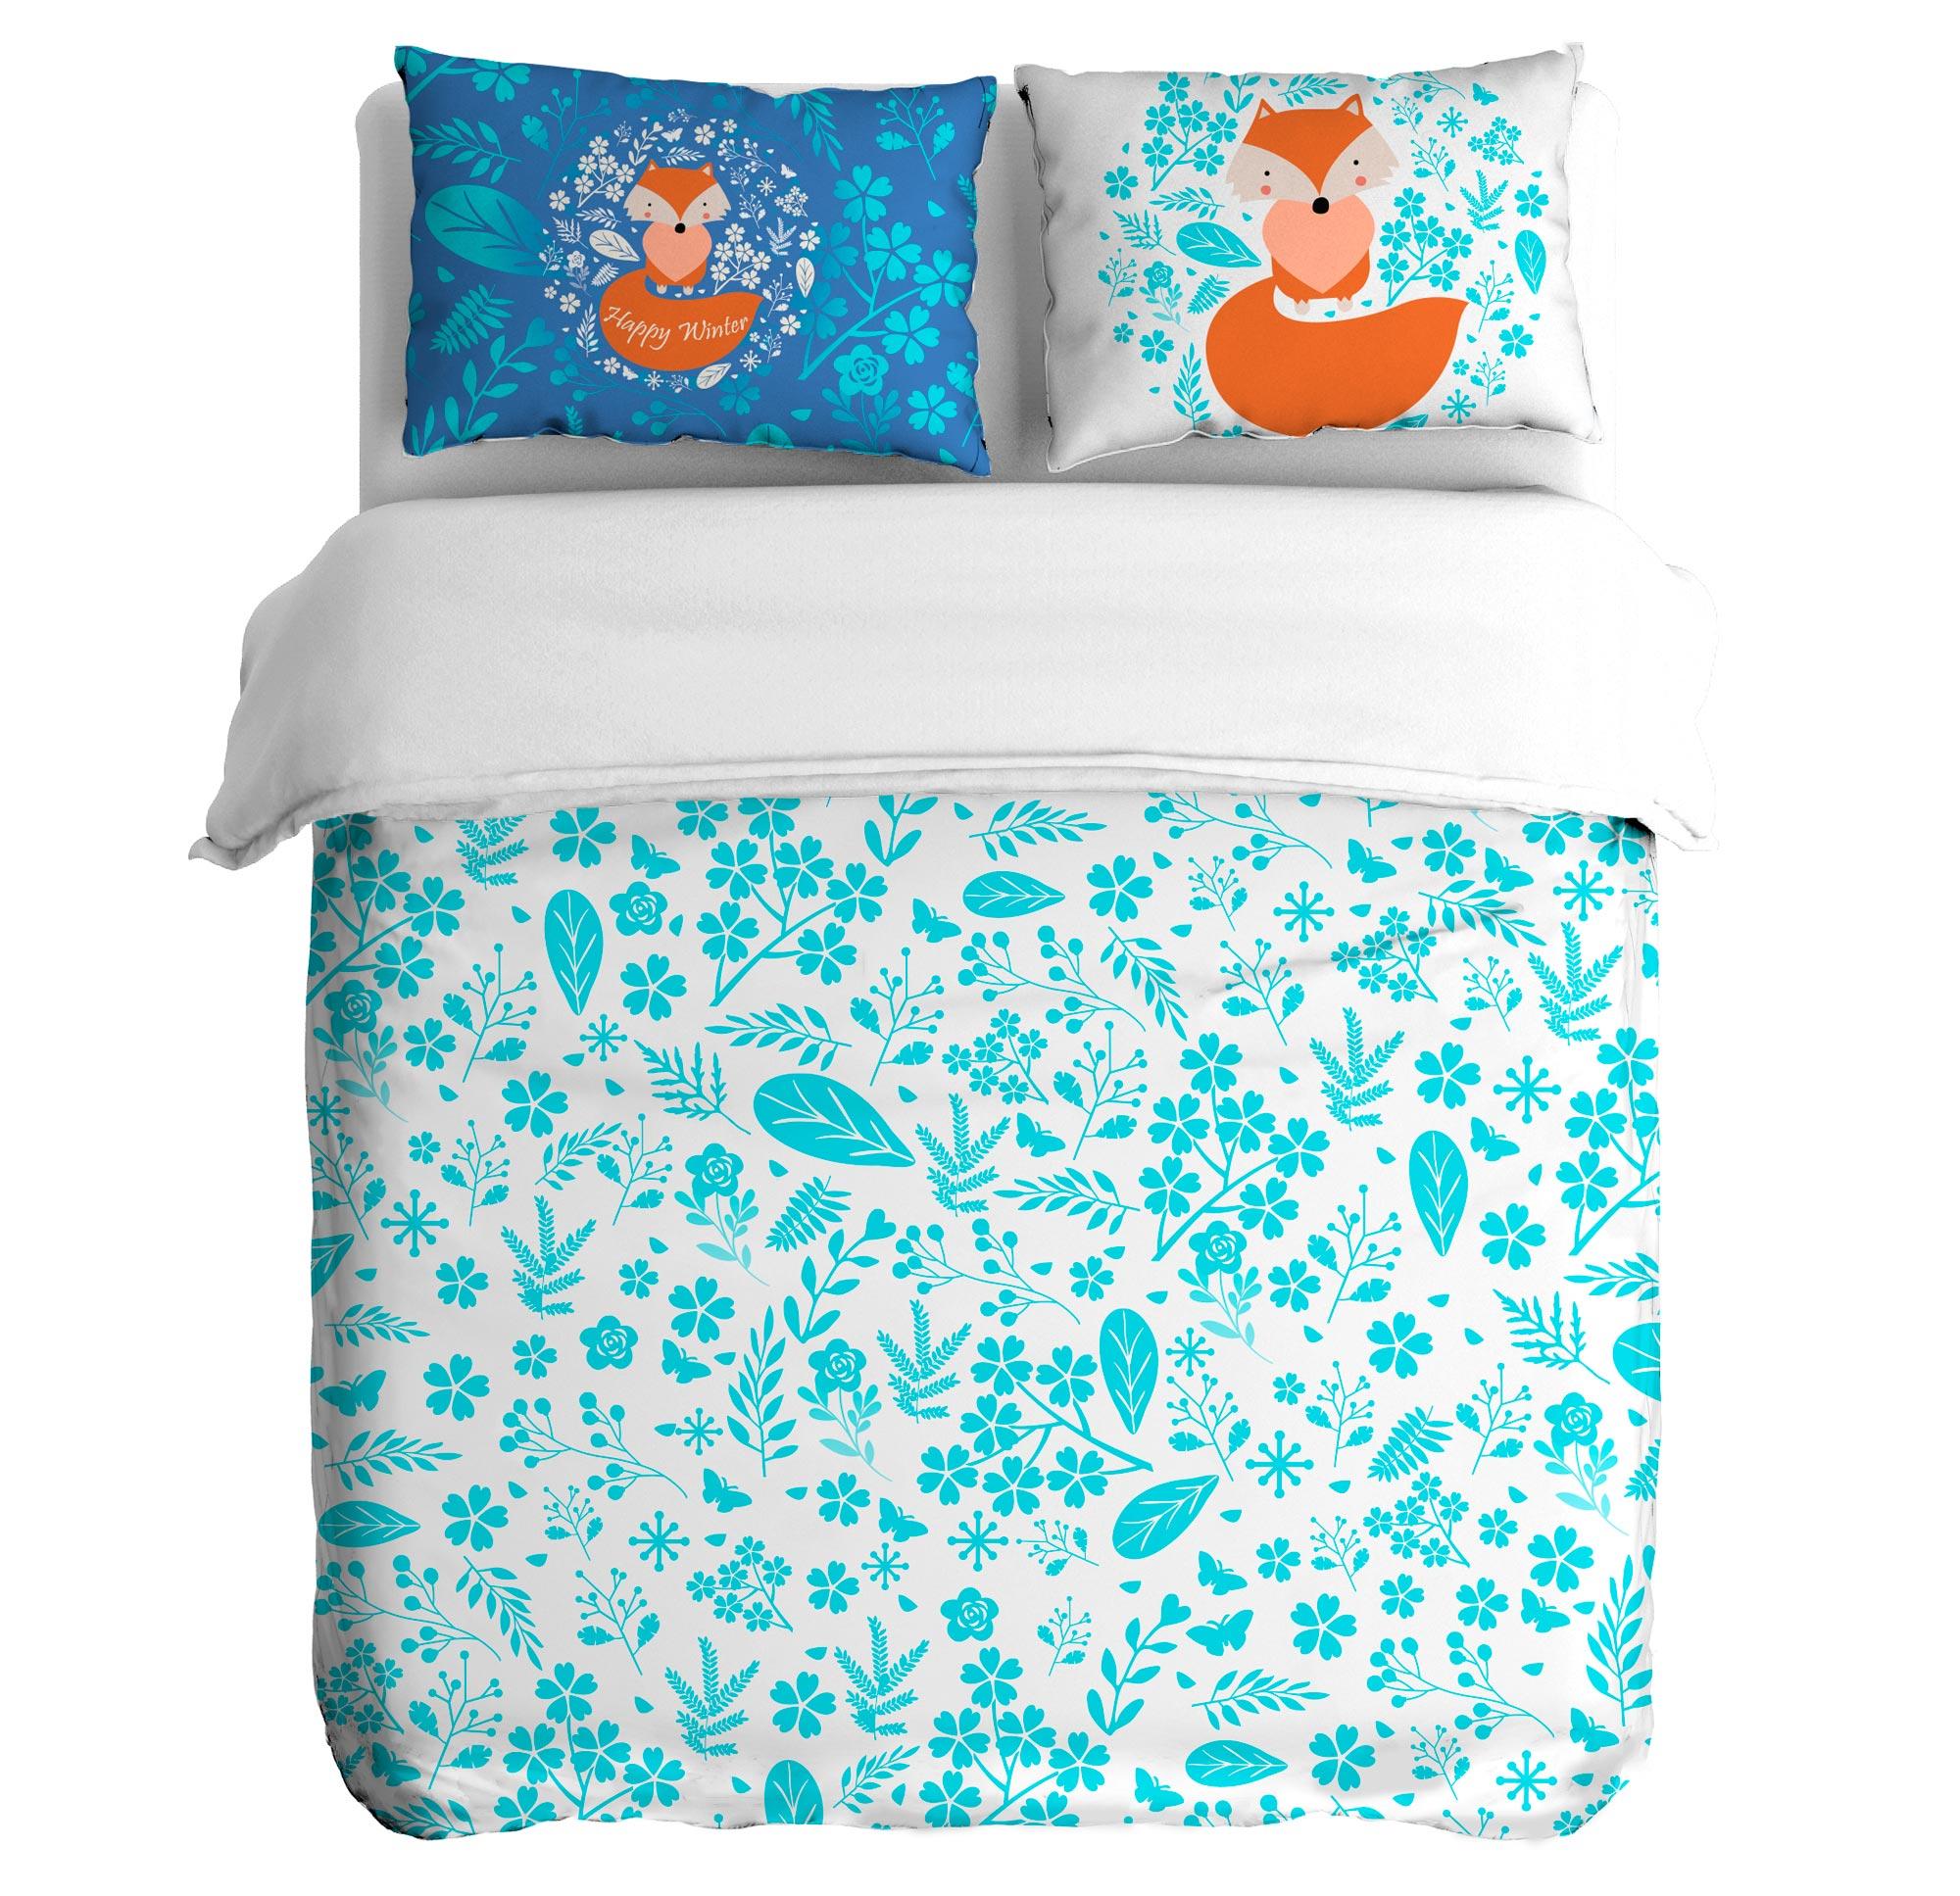 Постельное белье Peach Постельное белье Blue frosting (1,5 спал.) постельное белье kidboo blue marine 4 предмета